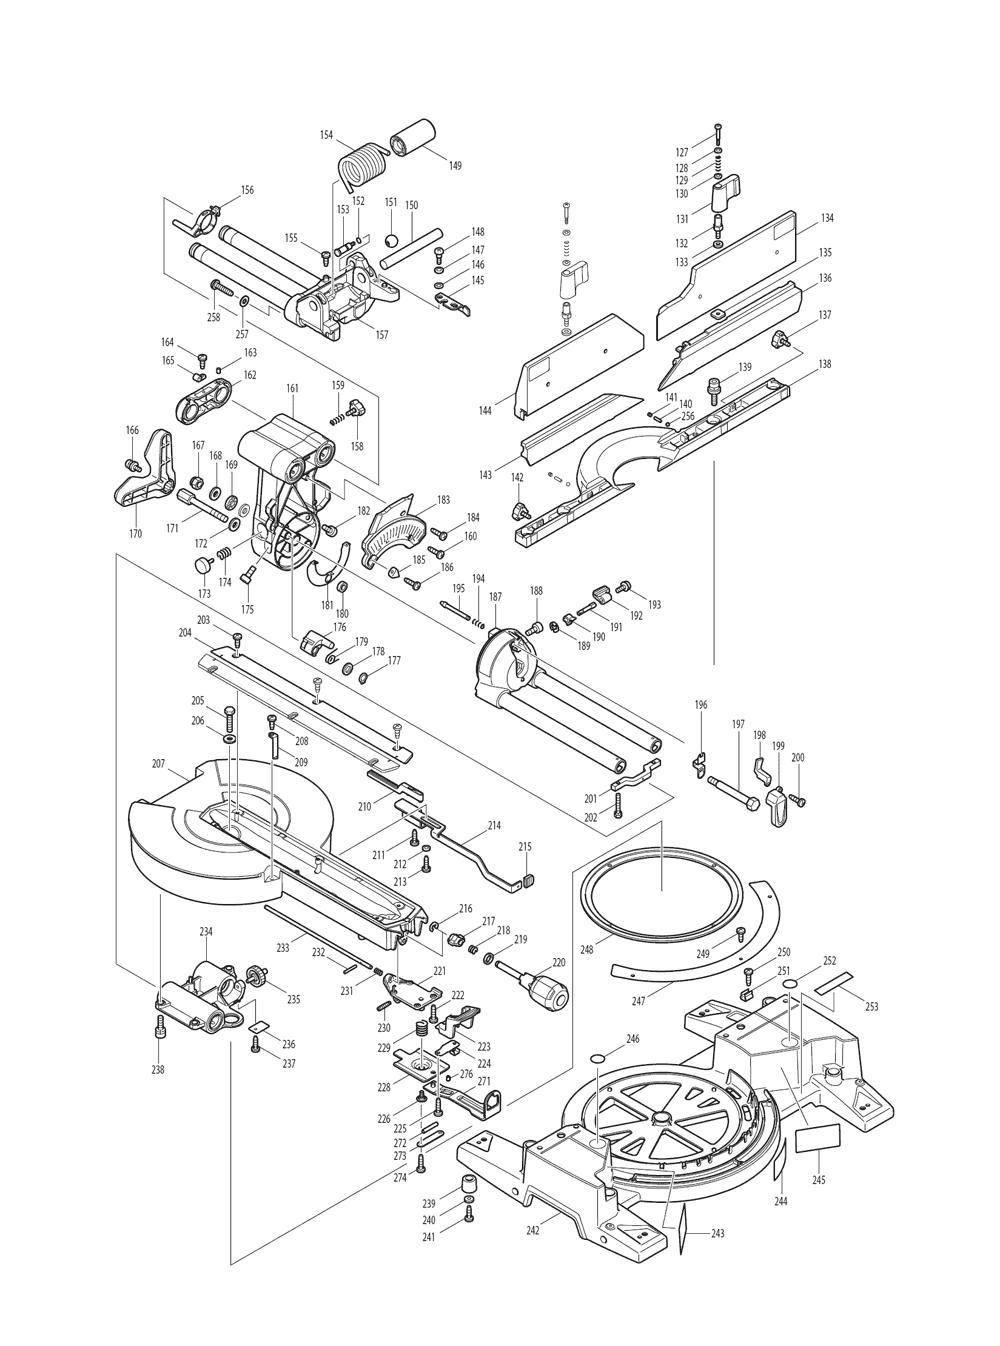 LS1216-T1-Makita-PB-1Break Down